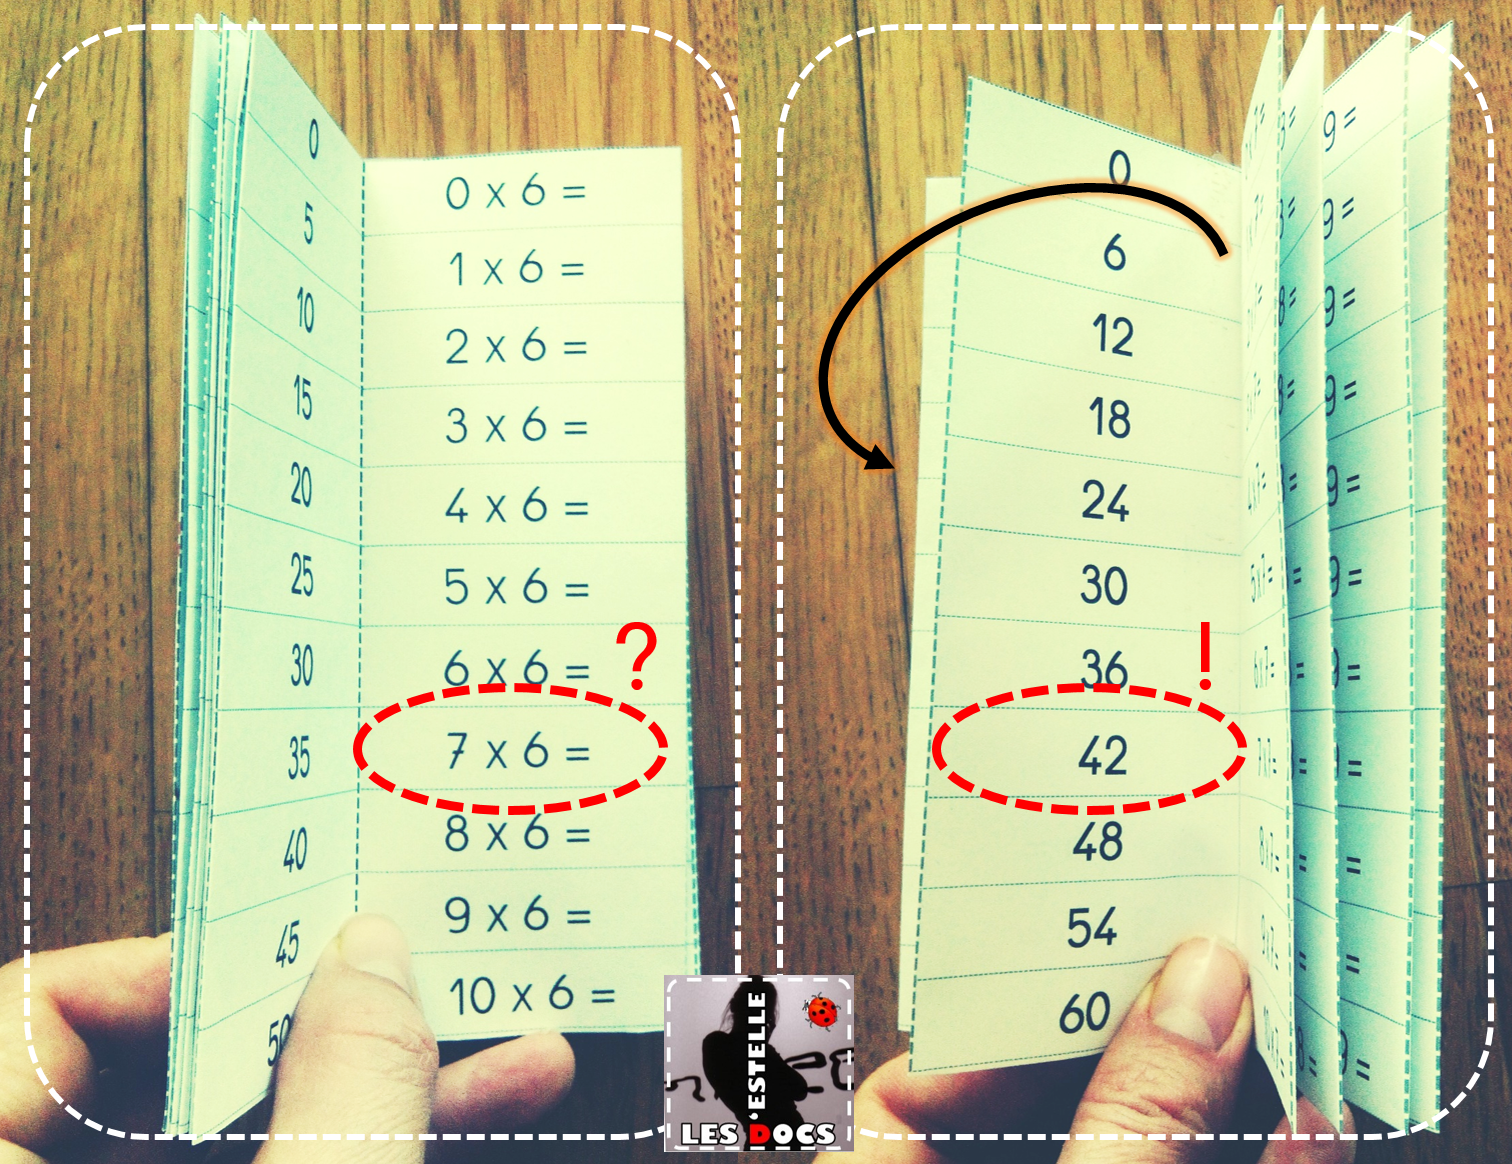 R pertoire d 39 apprentissage des tables de multiplication les docs d 39 estelle - Application table de multiplication ...